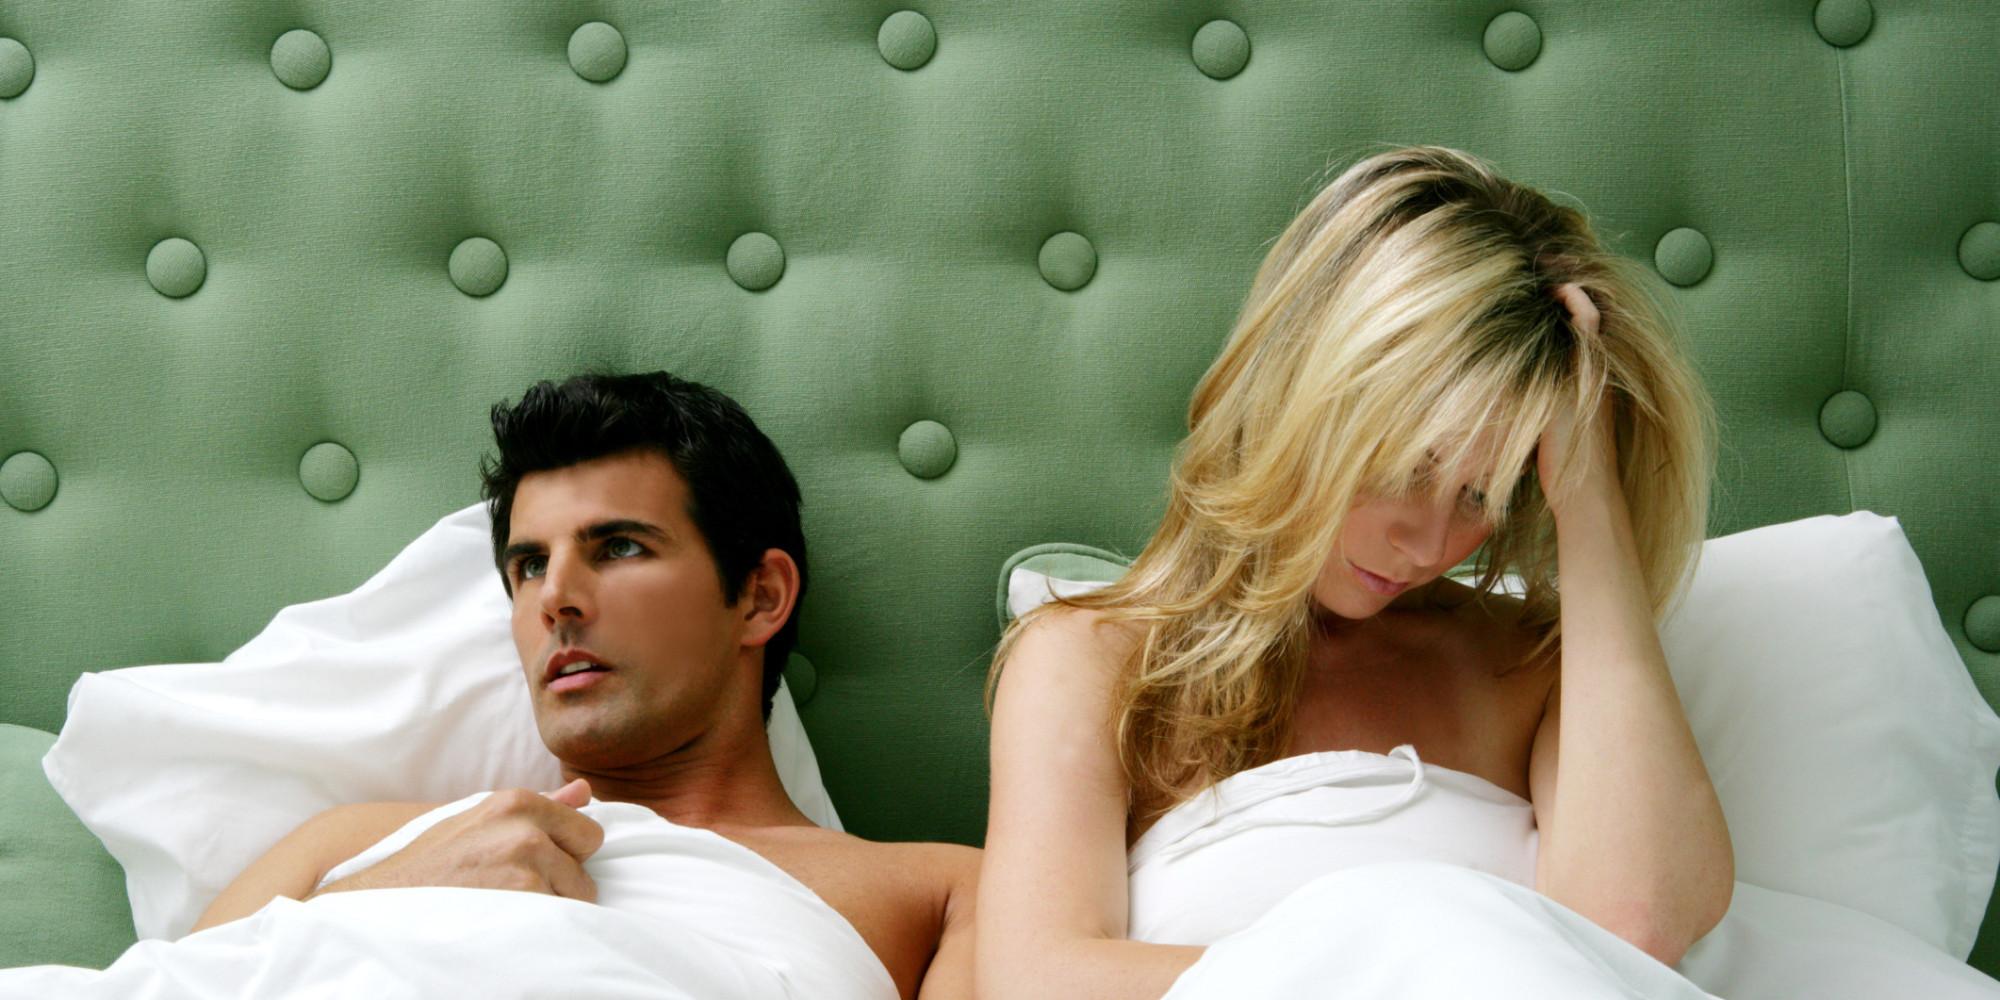 Conseils pour les femmes pendant les rapports sexuels